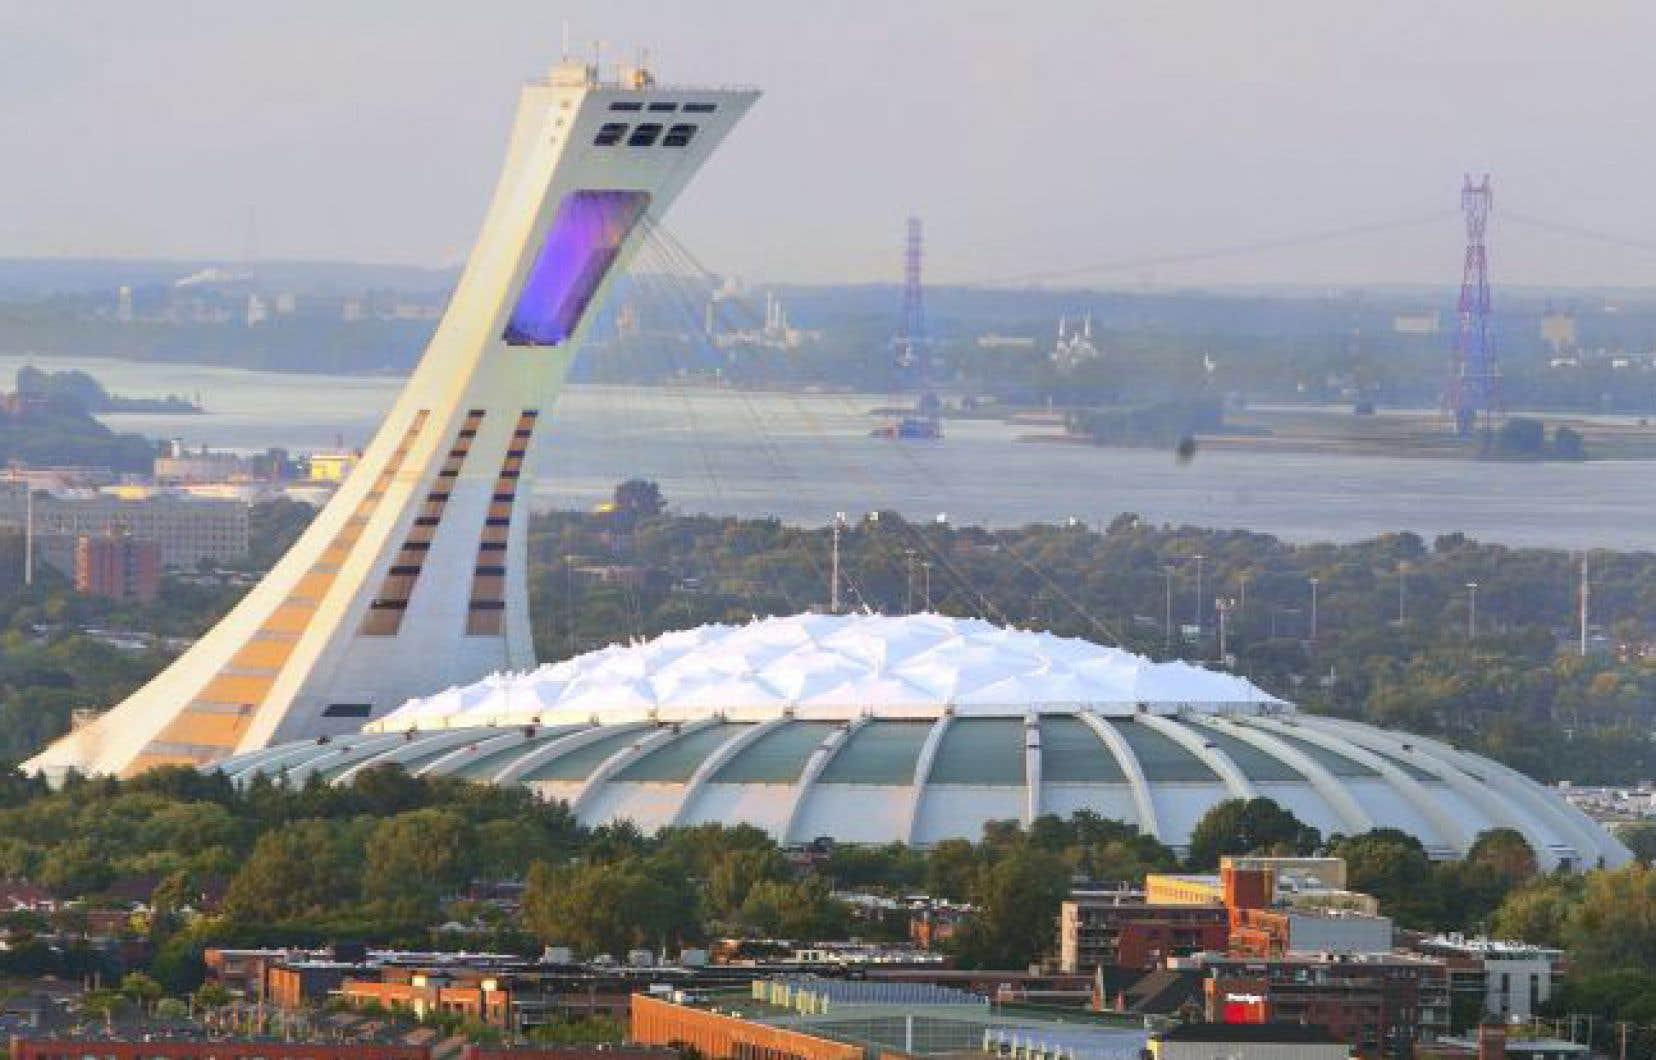 Le Stade olympique est considéré comme l'une des oeuvres marquantes de l'architecte Roger Taillibert.